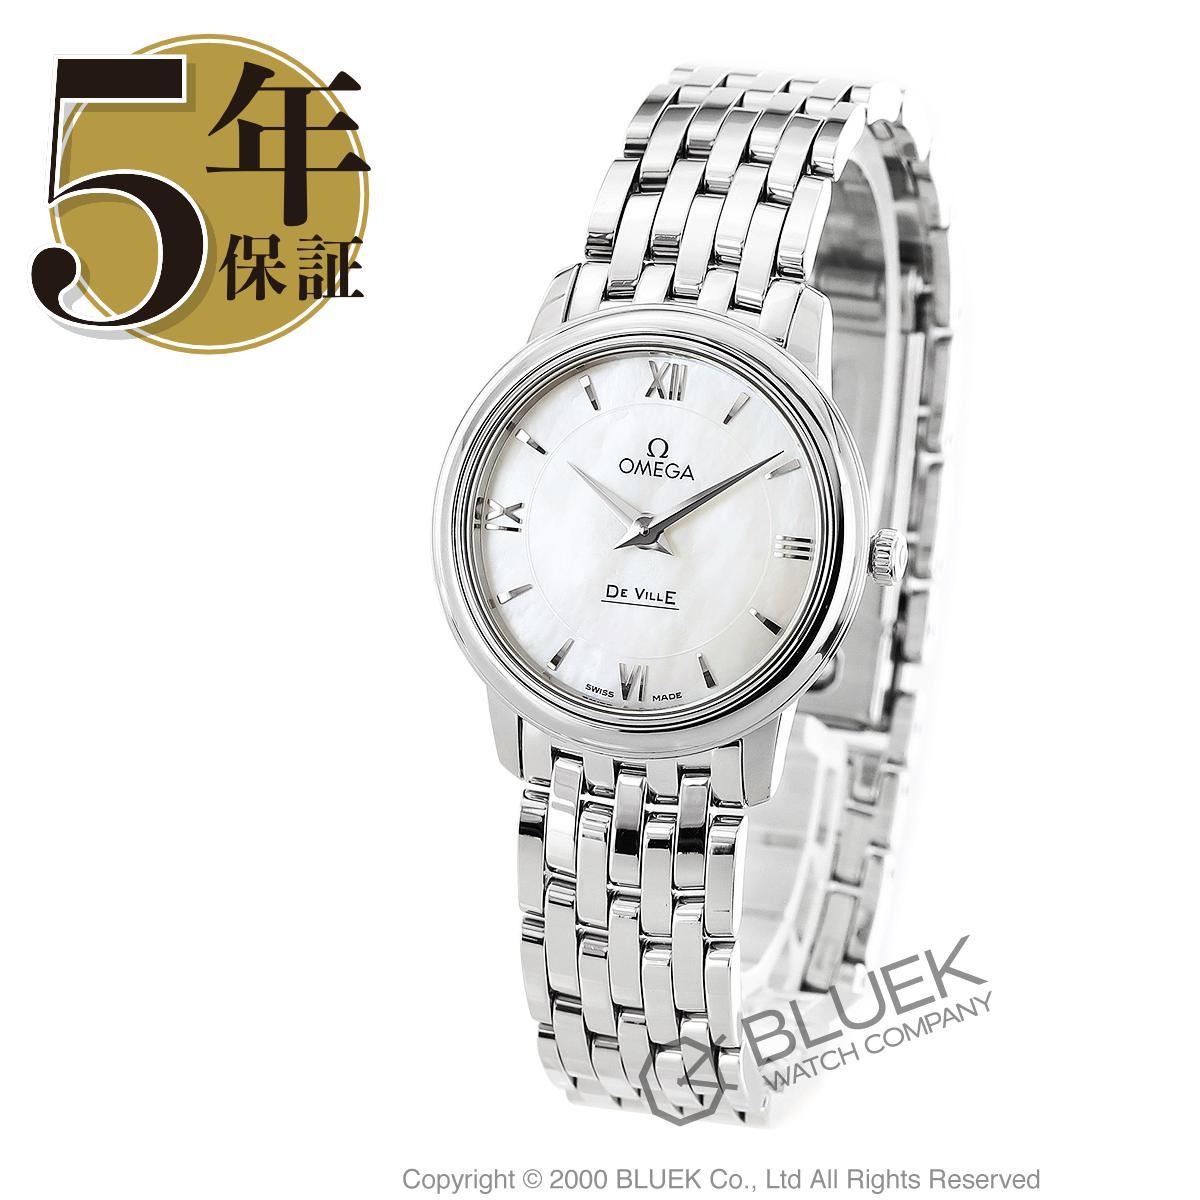 オメガ デビル プレステージ 腕時計 レディース OMEGA 424.10.27.60.05.001_5